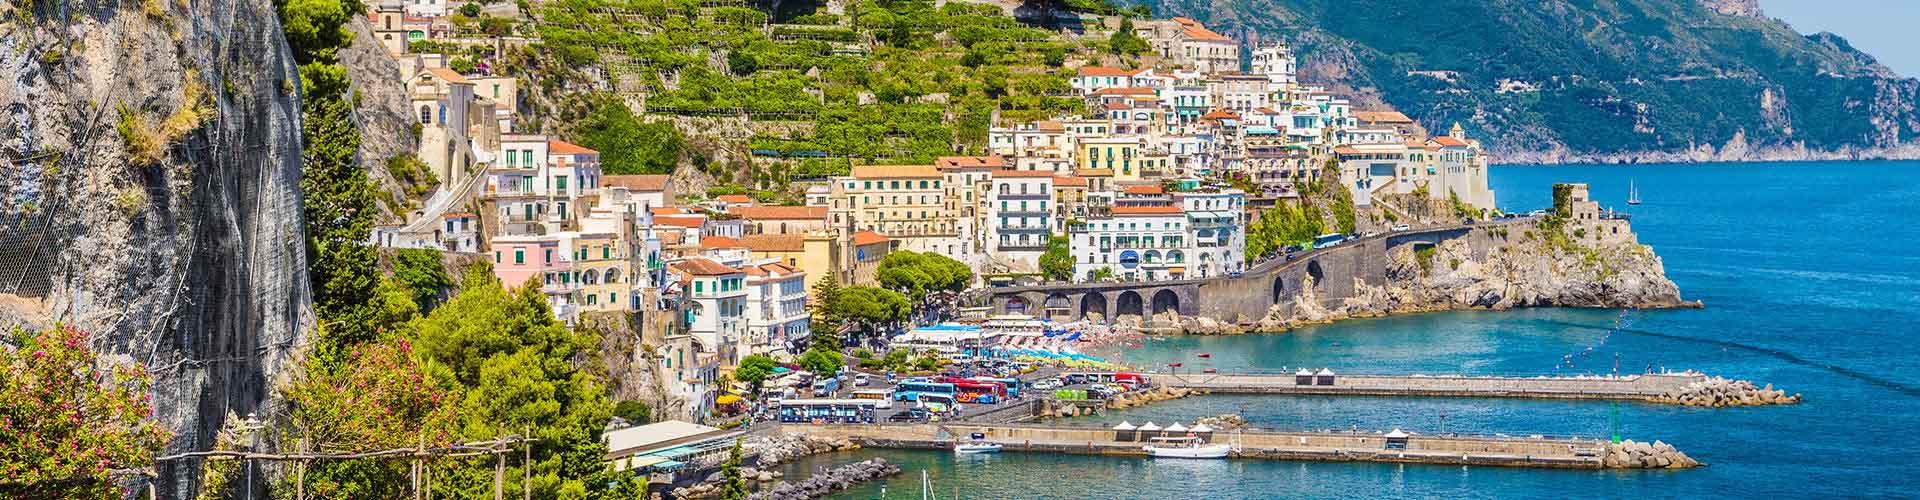 Salerno - Hostales en Salerno. Mapas de Salerno, Fotos y comentarios de cada Hostal en Salerno.